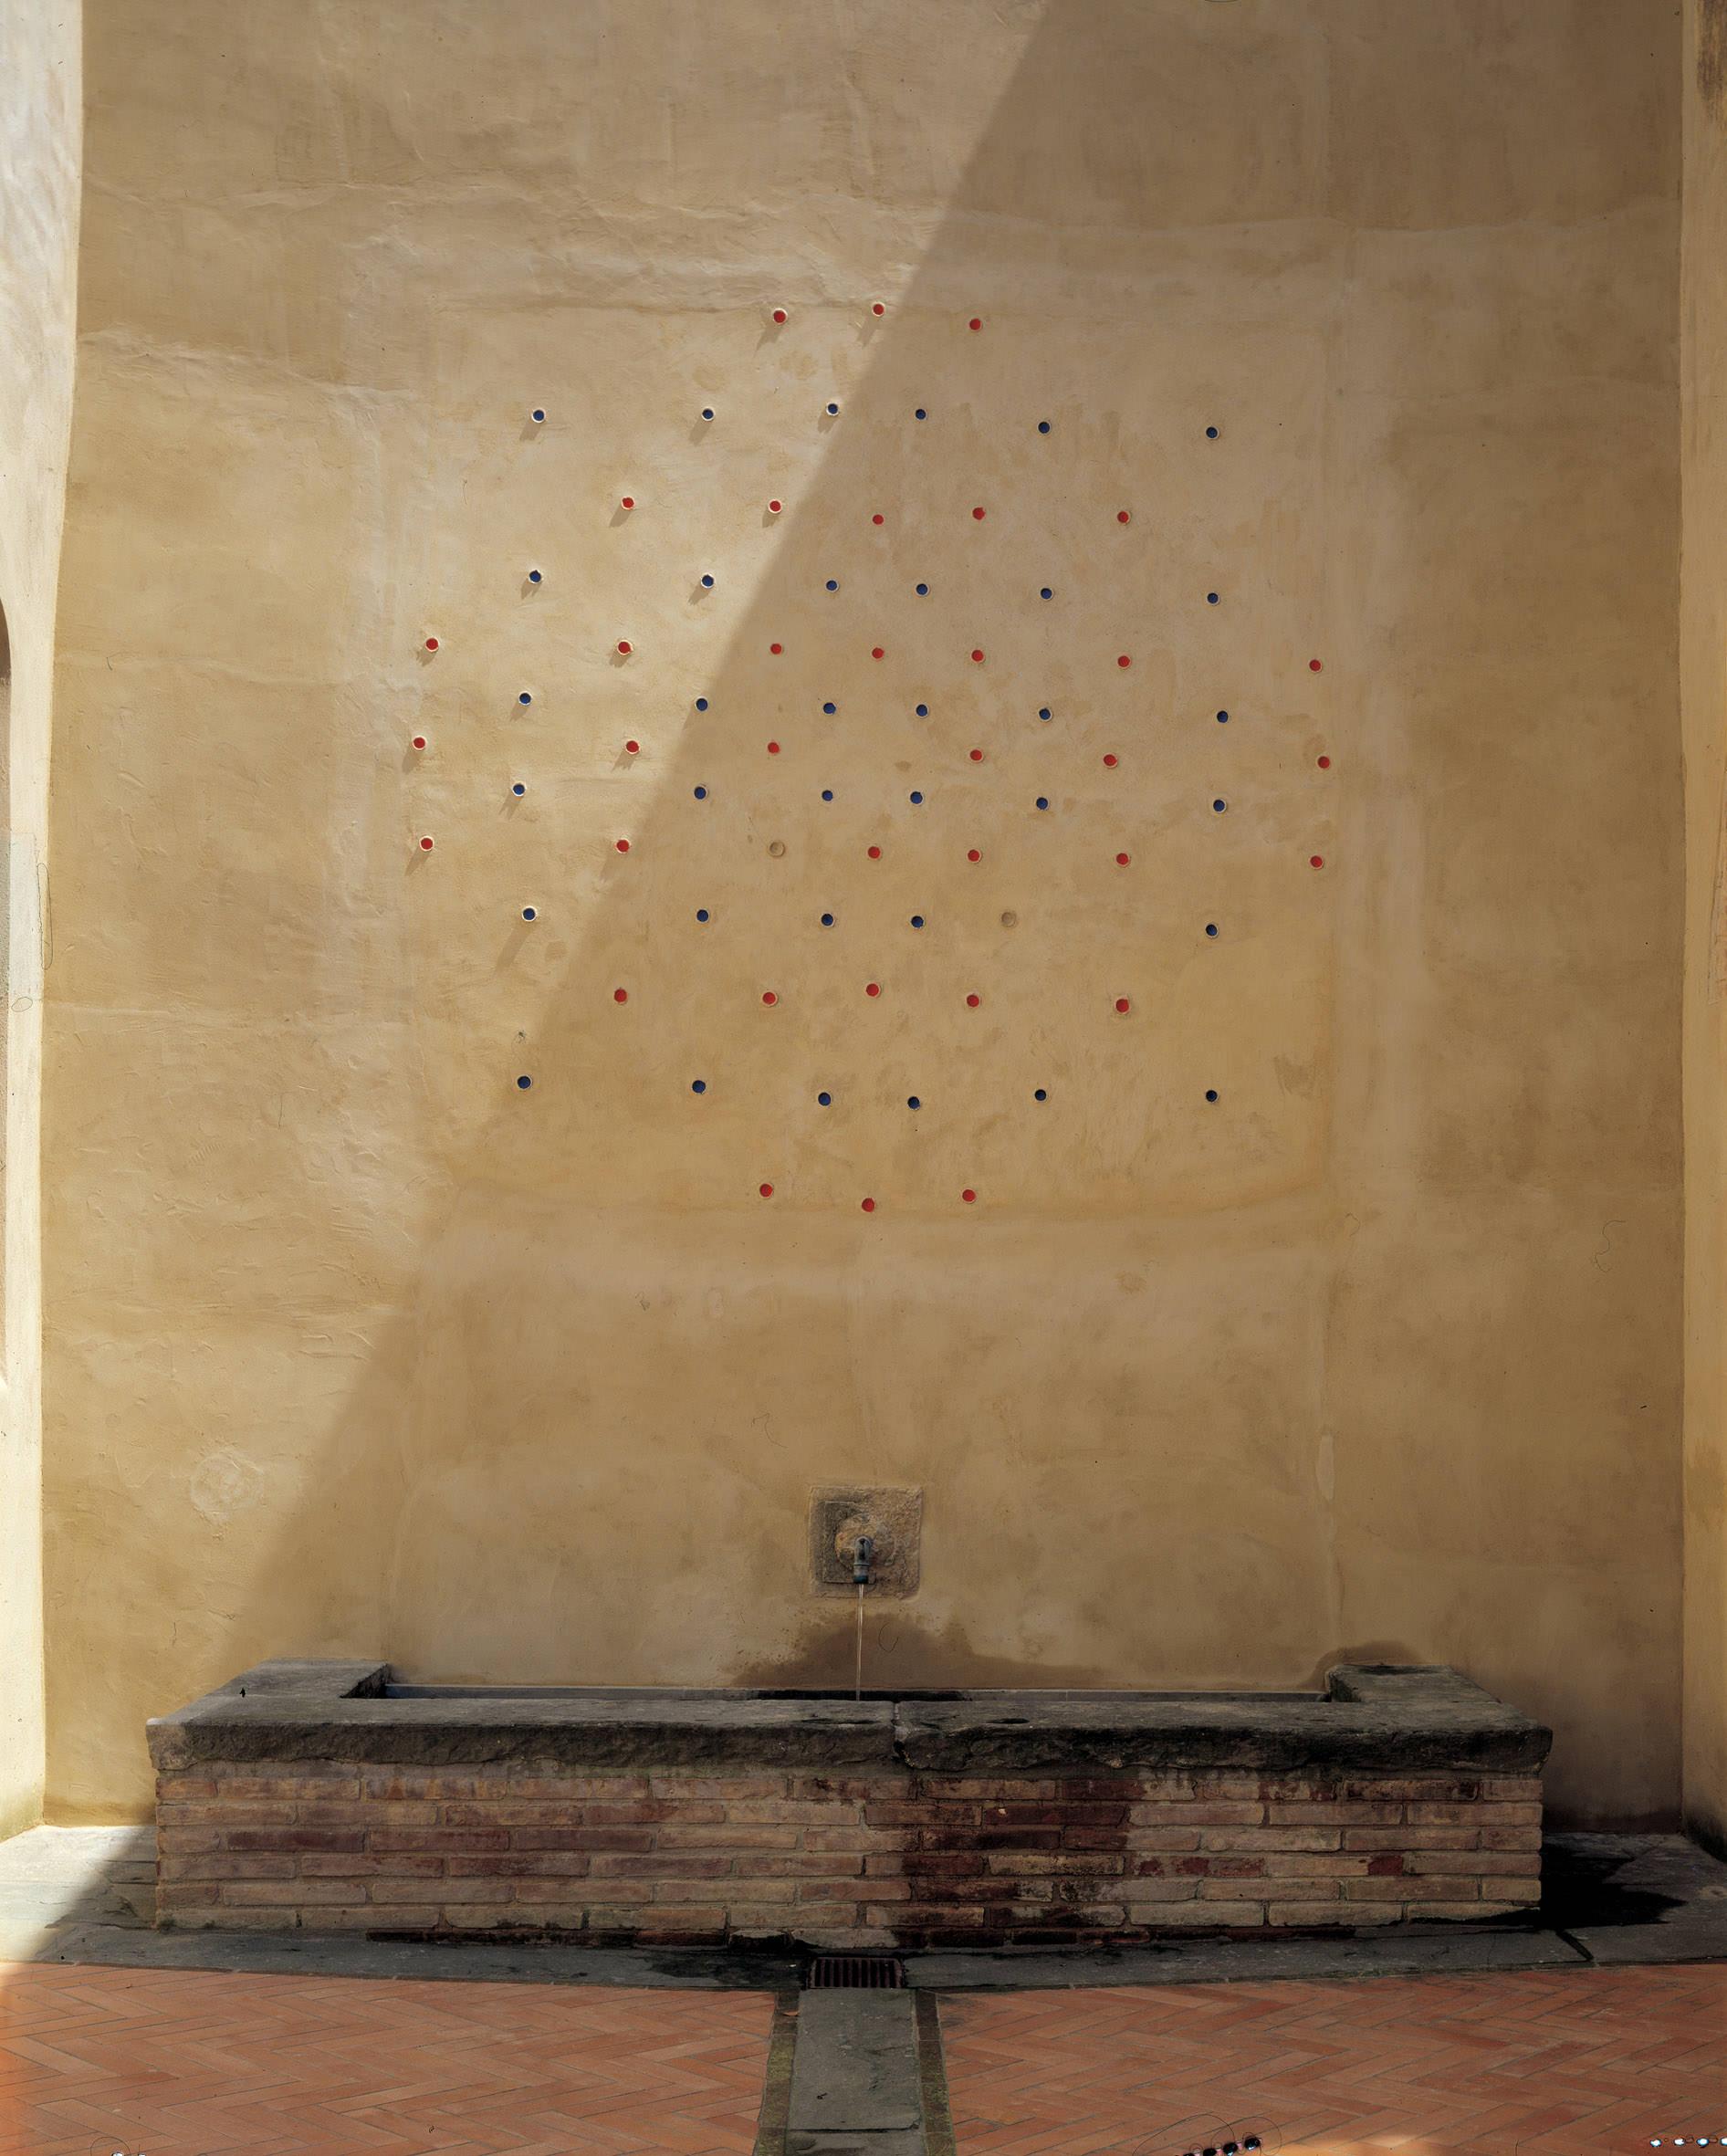 Marco Bagnoli. Spazio [x] Tempo. Si fa così X = 5 (+5)=X, affresco, Castello di Santa Maria Novella, Fiano 1997. Fotografia di Paolo Emilio Sfriso